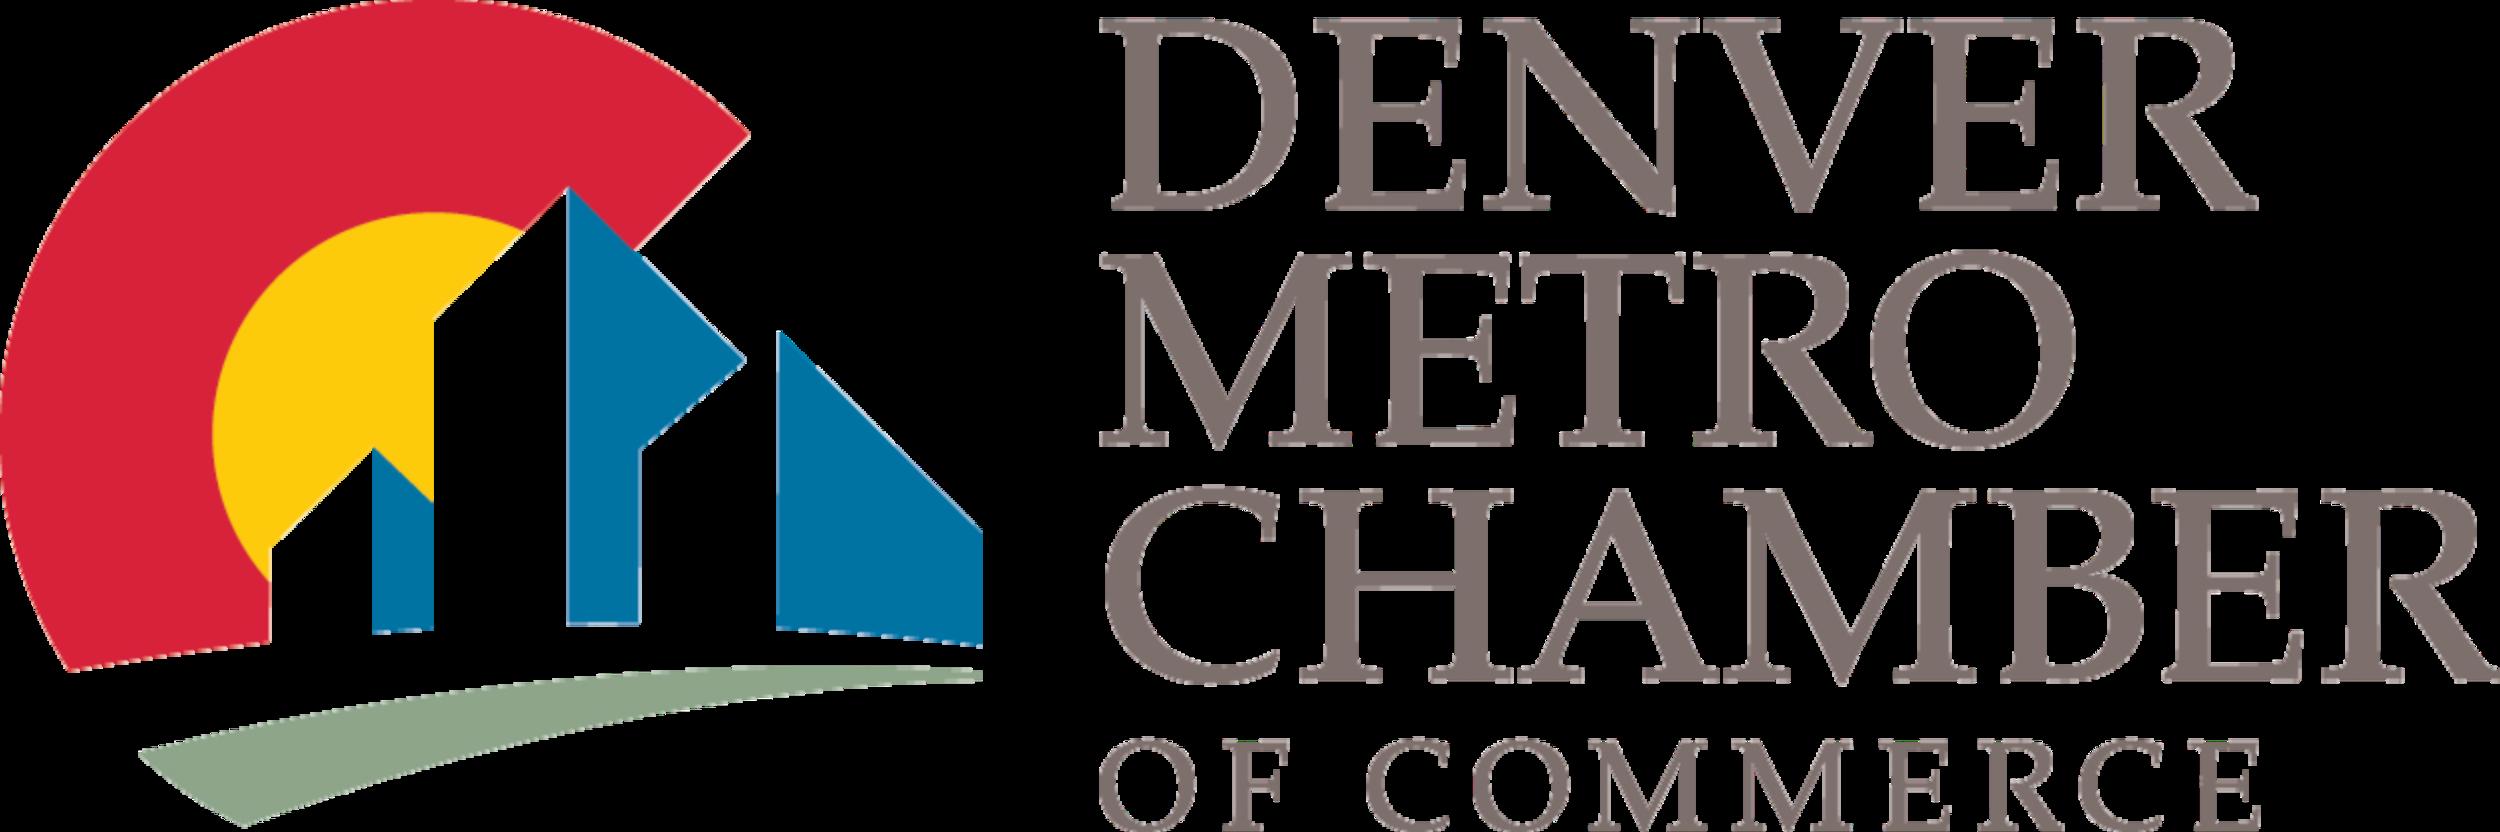 denver metro chamber of commerce.png